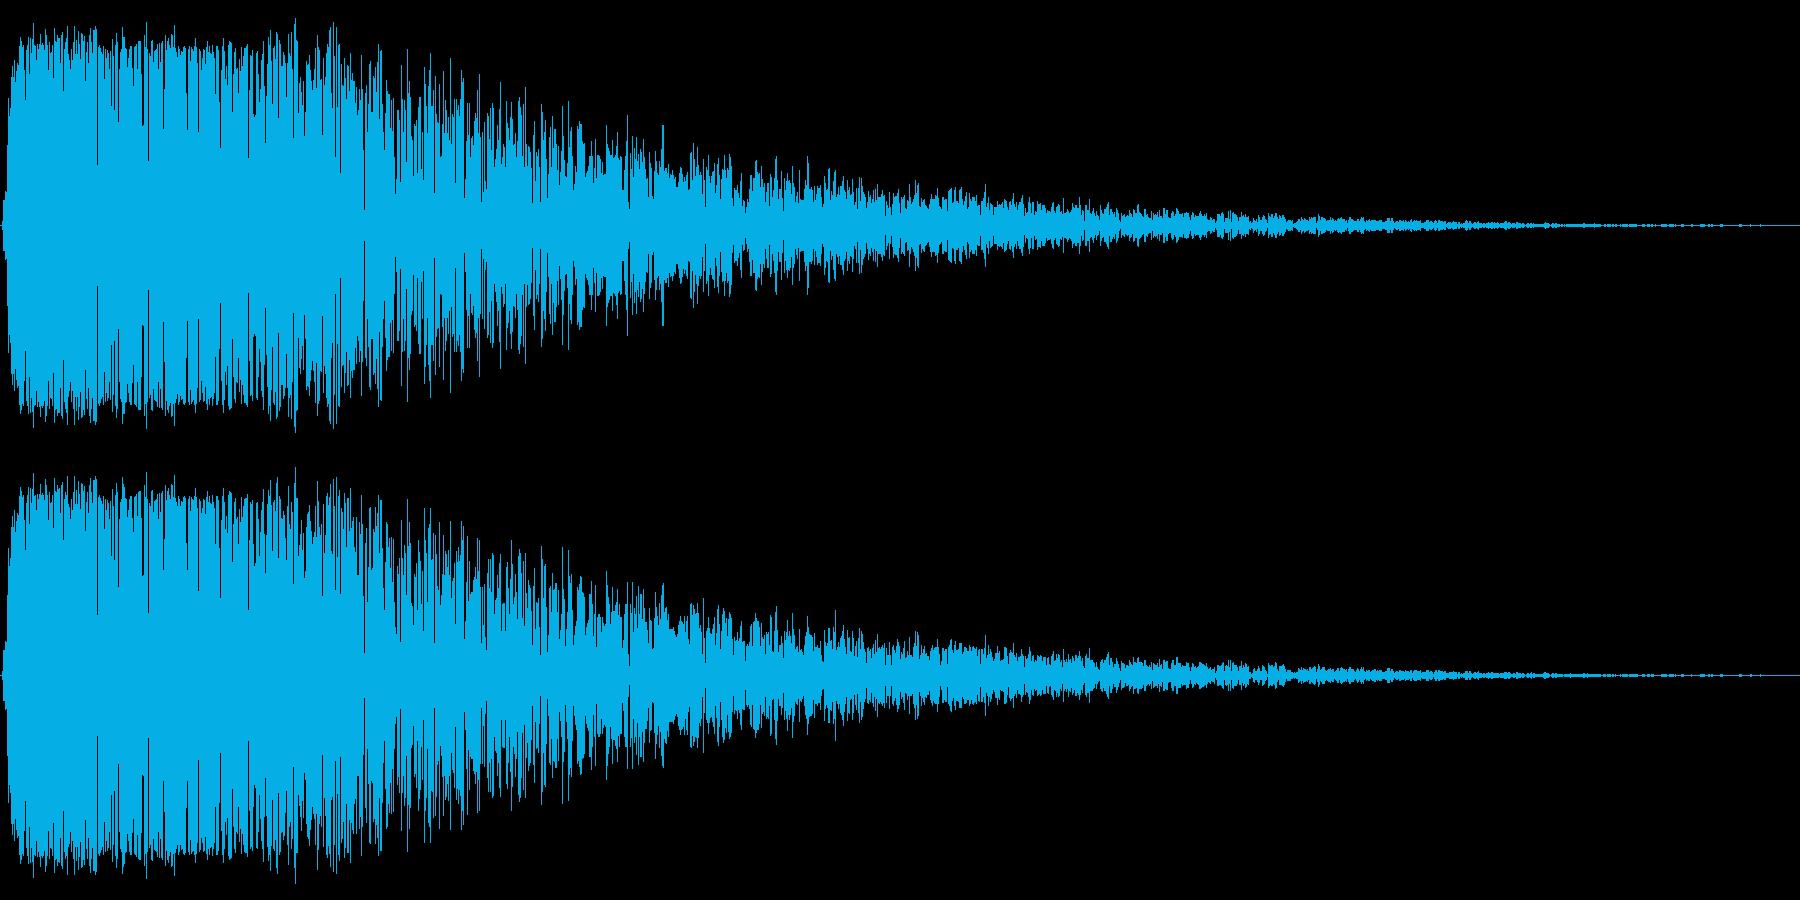 「転ぶ」「こける」コメディー系の効果音の再生済みの波形